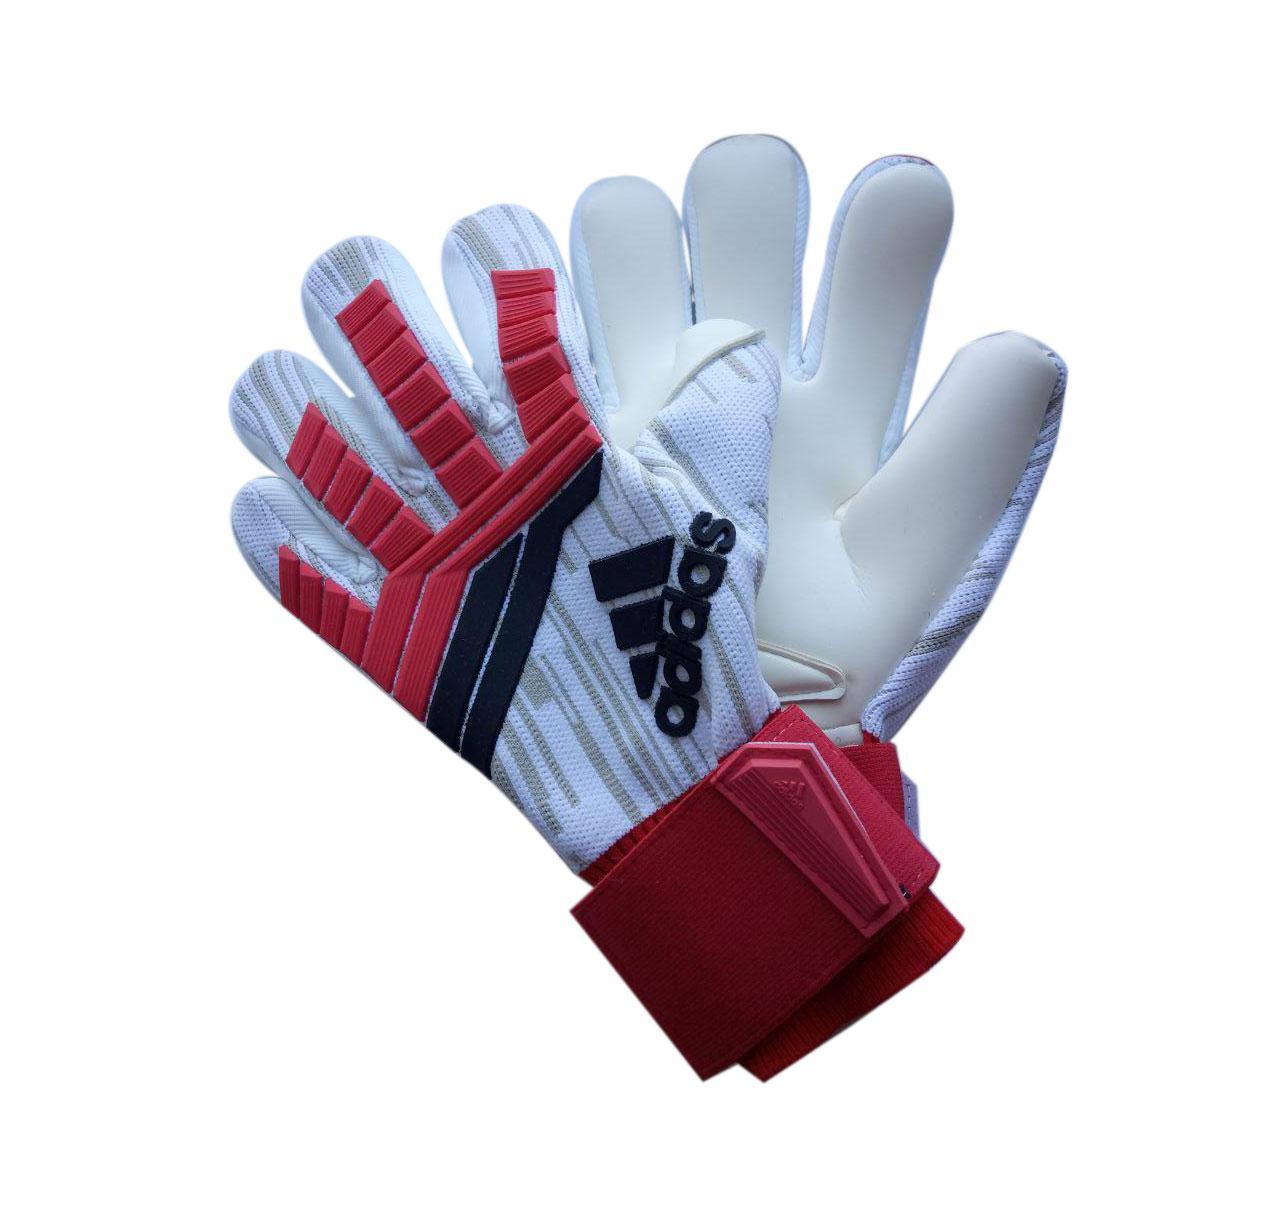 Вратарские перчатки Adidas pro 120 красно-белые